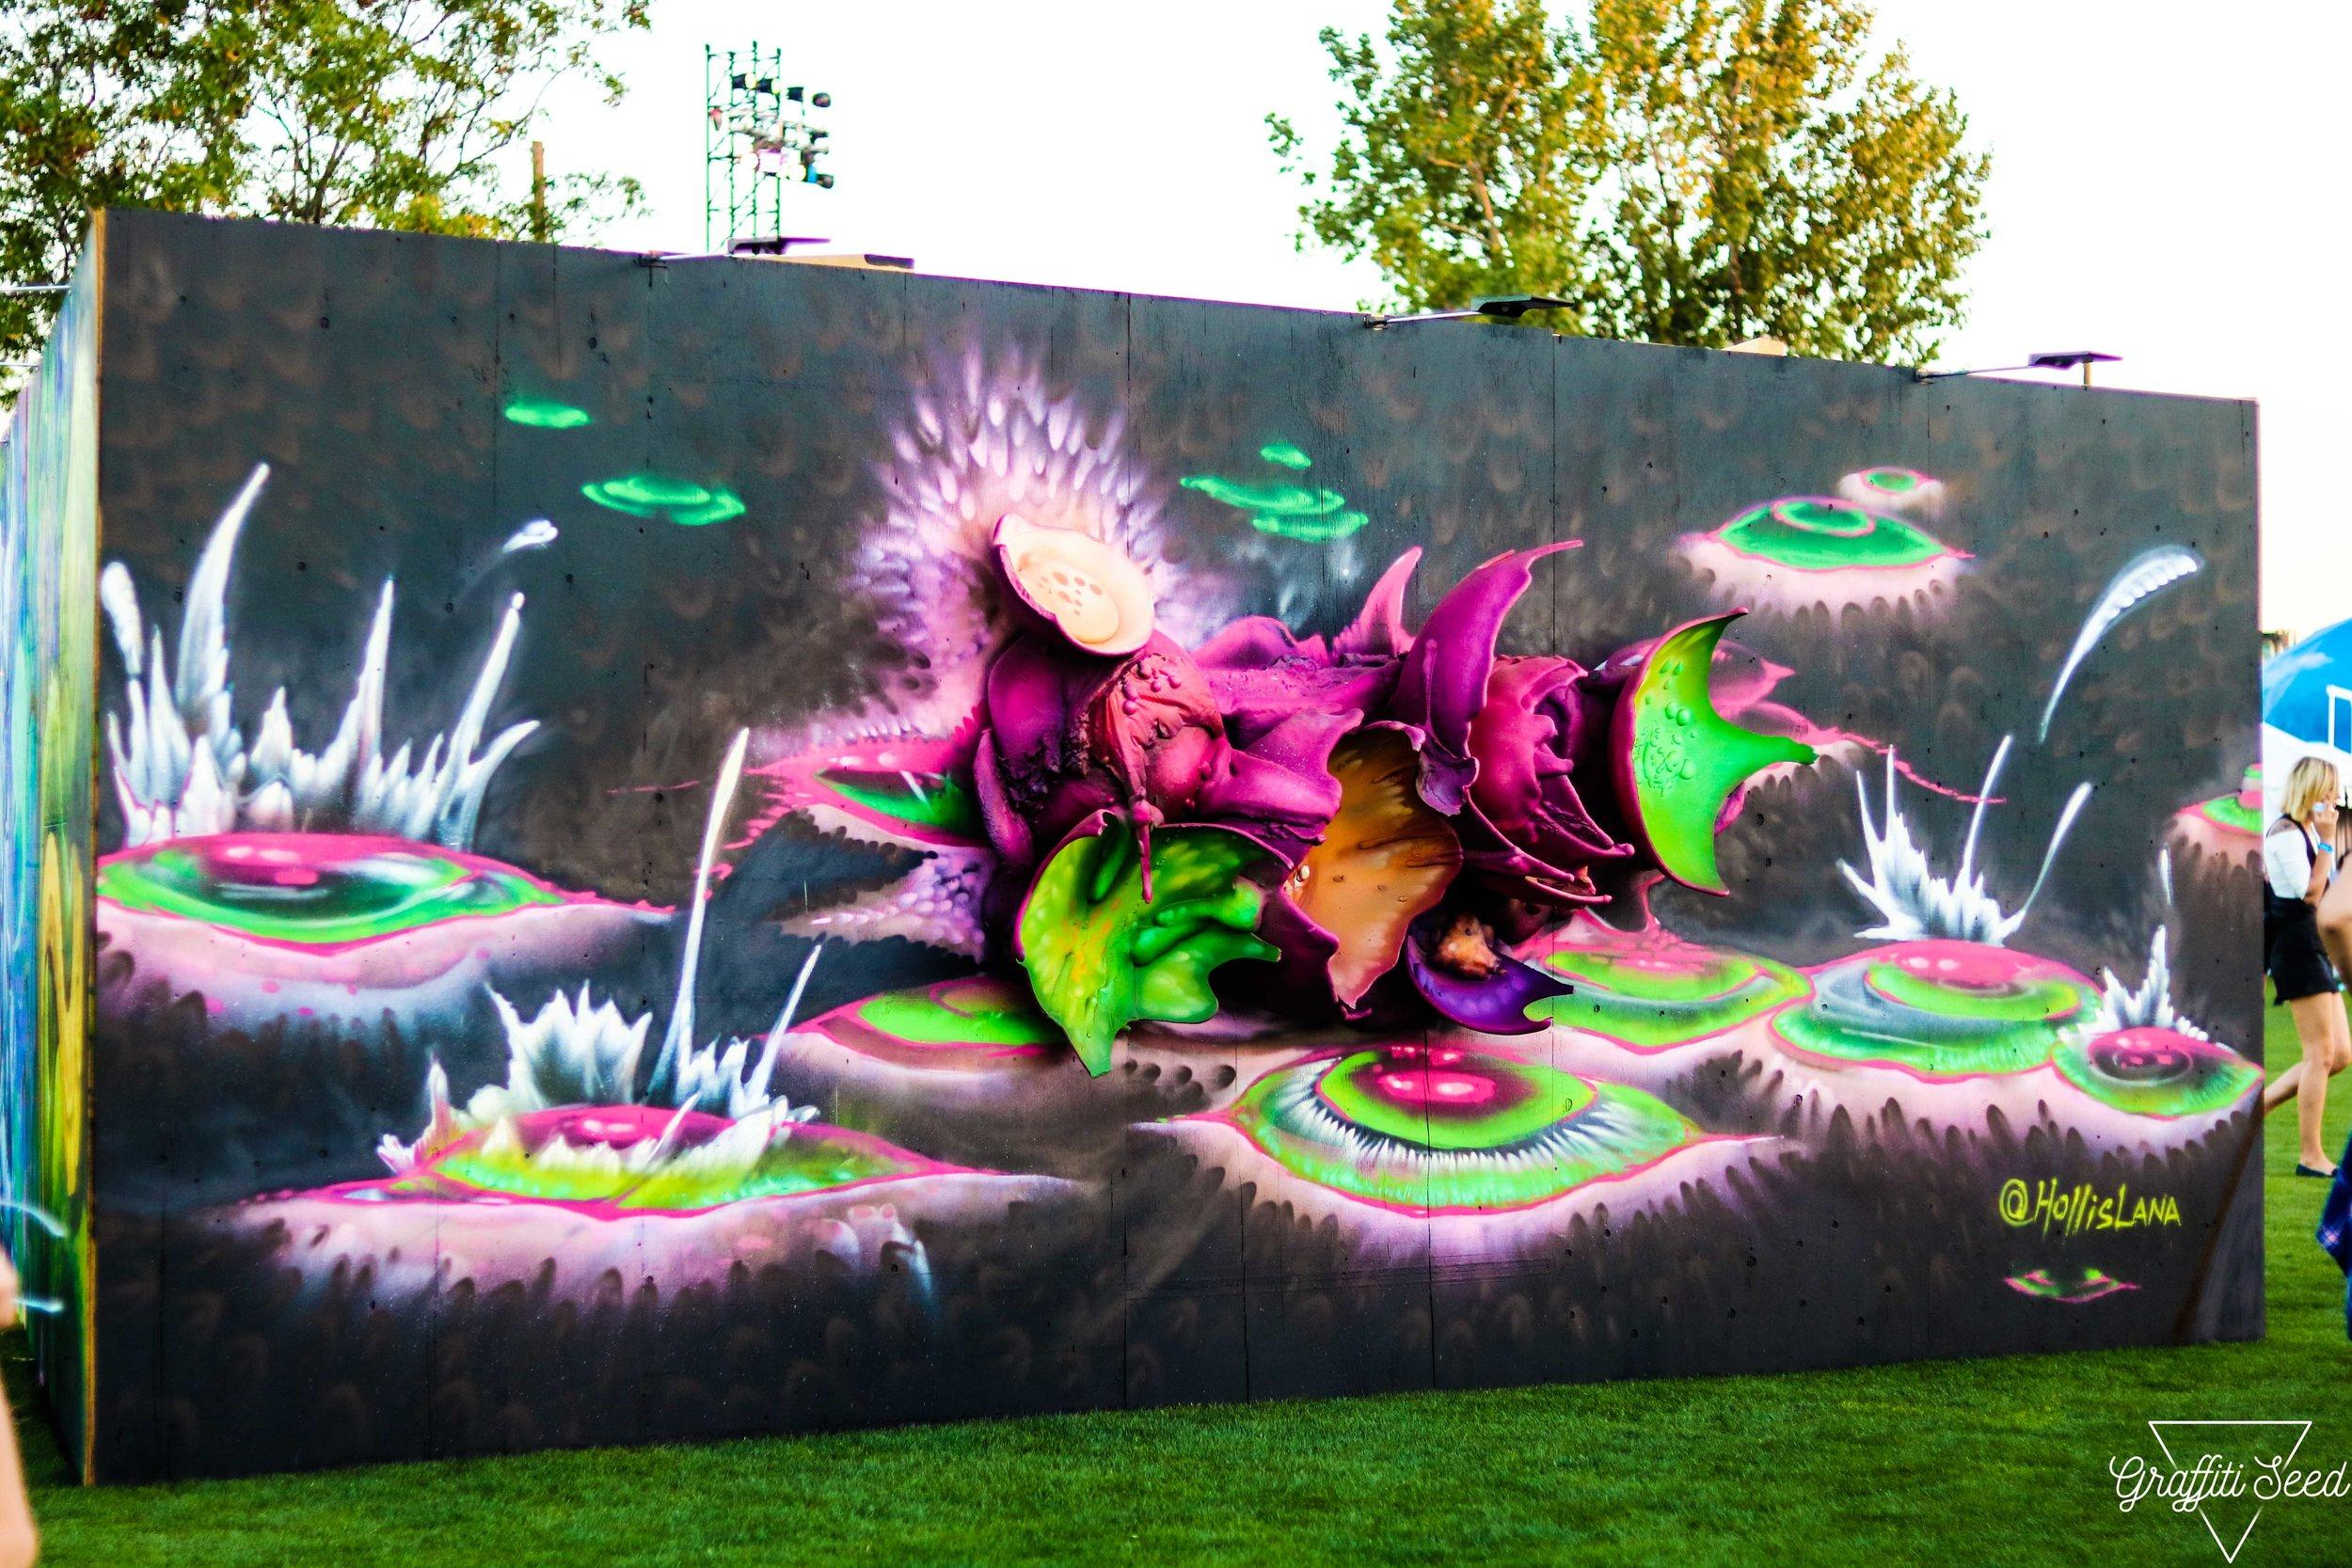 Grandoozy 2018 _ www.GraffitiSeed.com 8.jpg